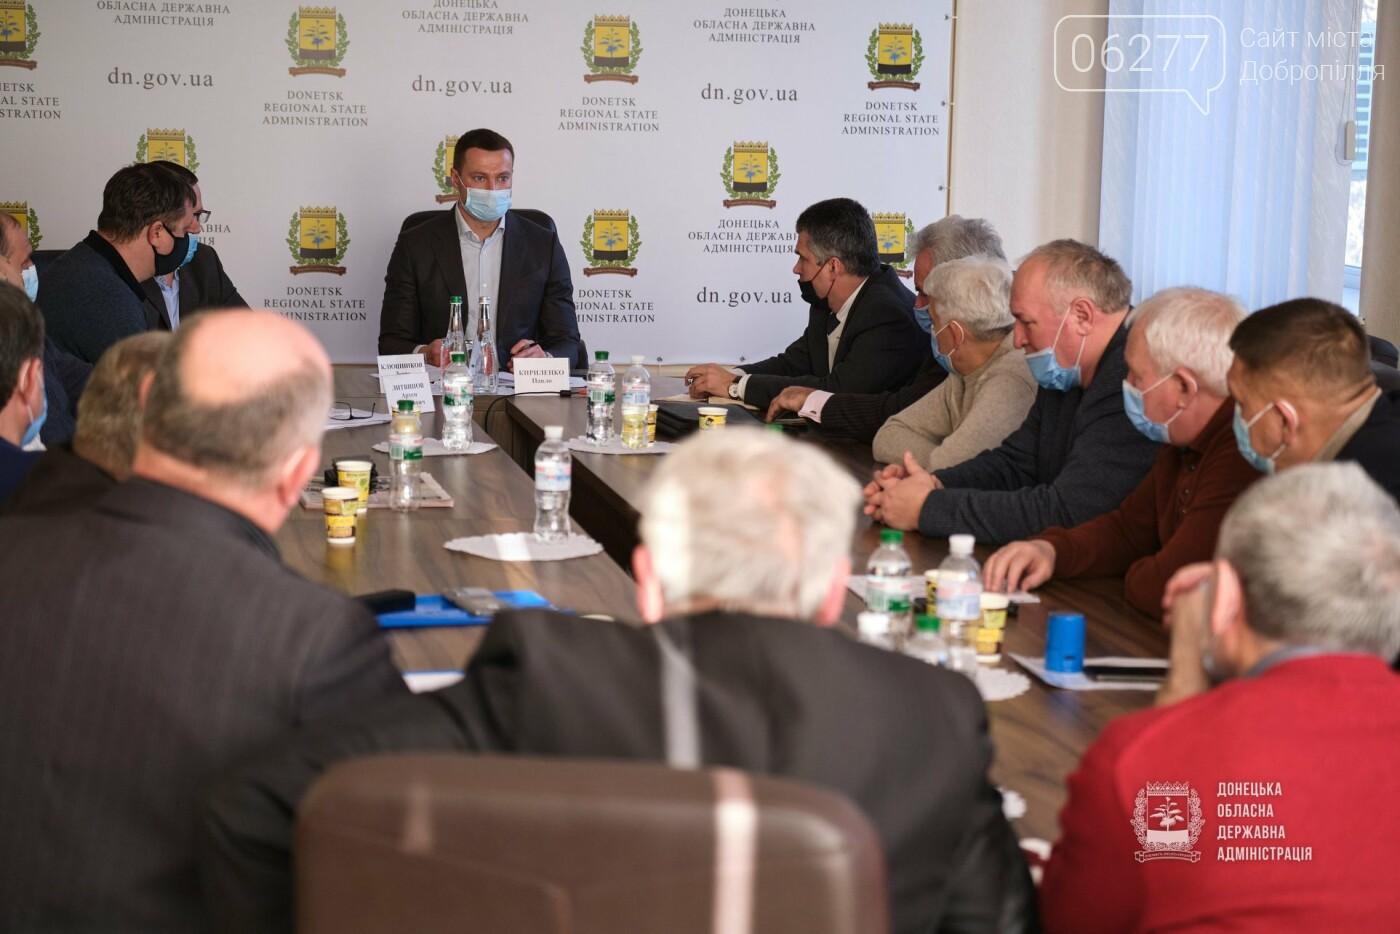 Близько 700 мільйонів гривень має надійти на шахти Донеччини для погашення заборгованості із зарплати, фото-1